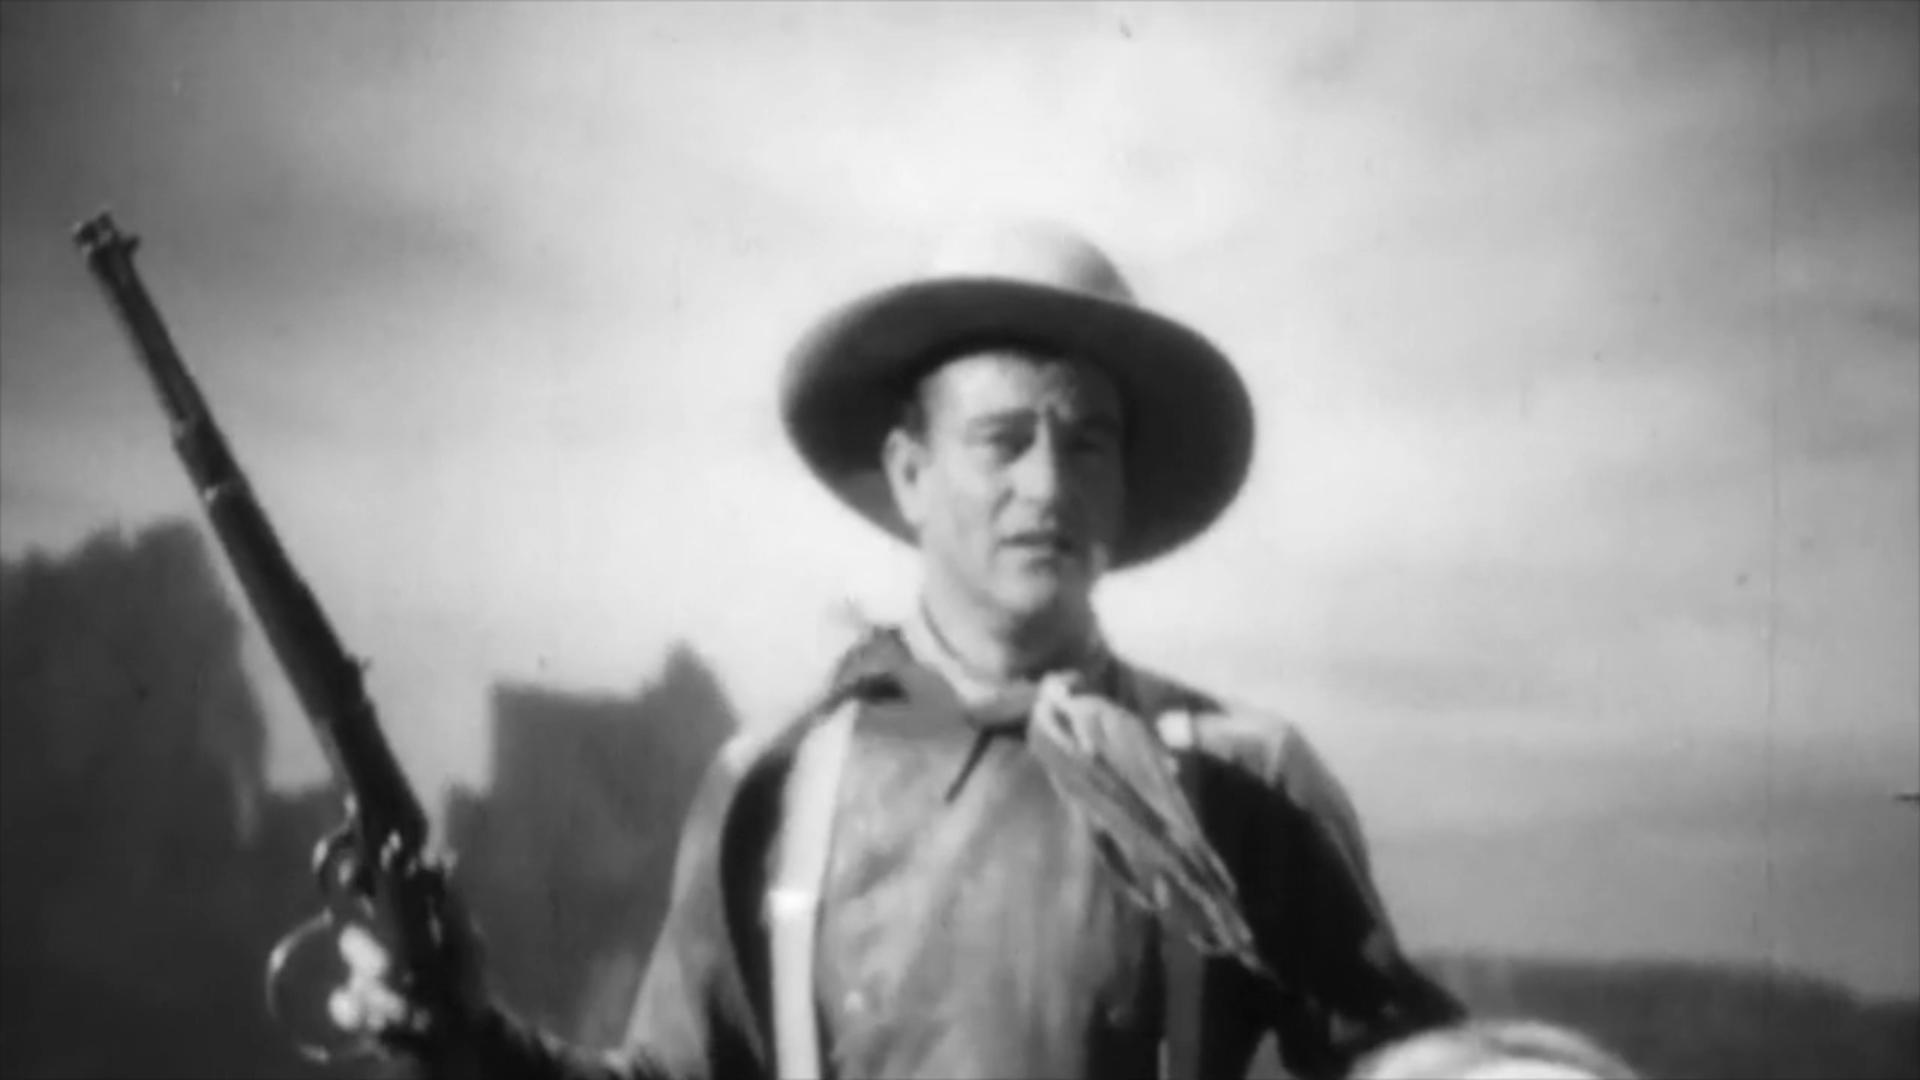 Das Gesicht des Films